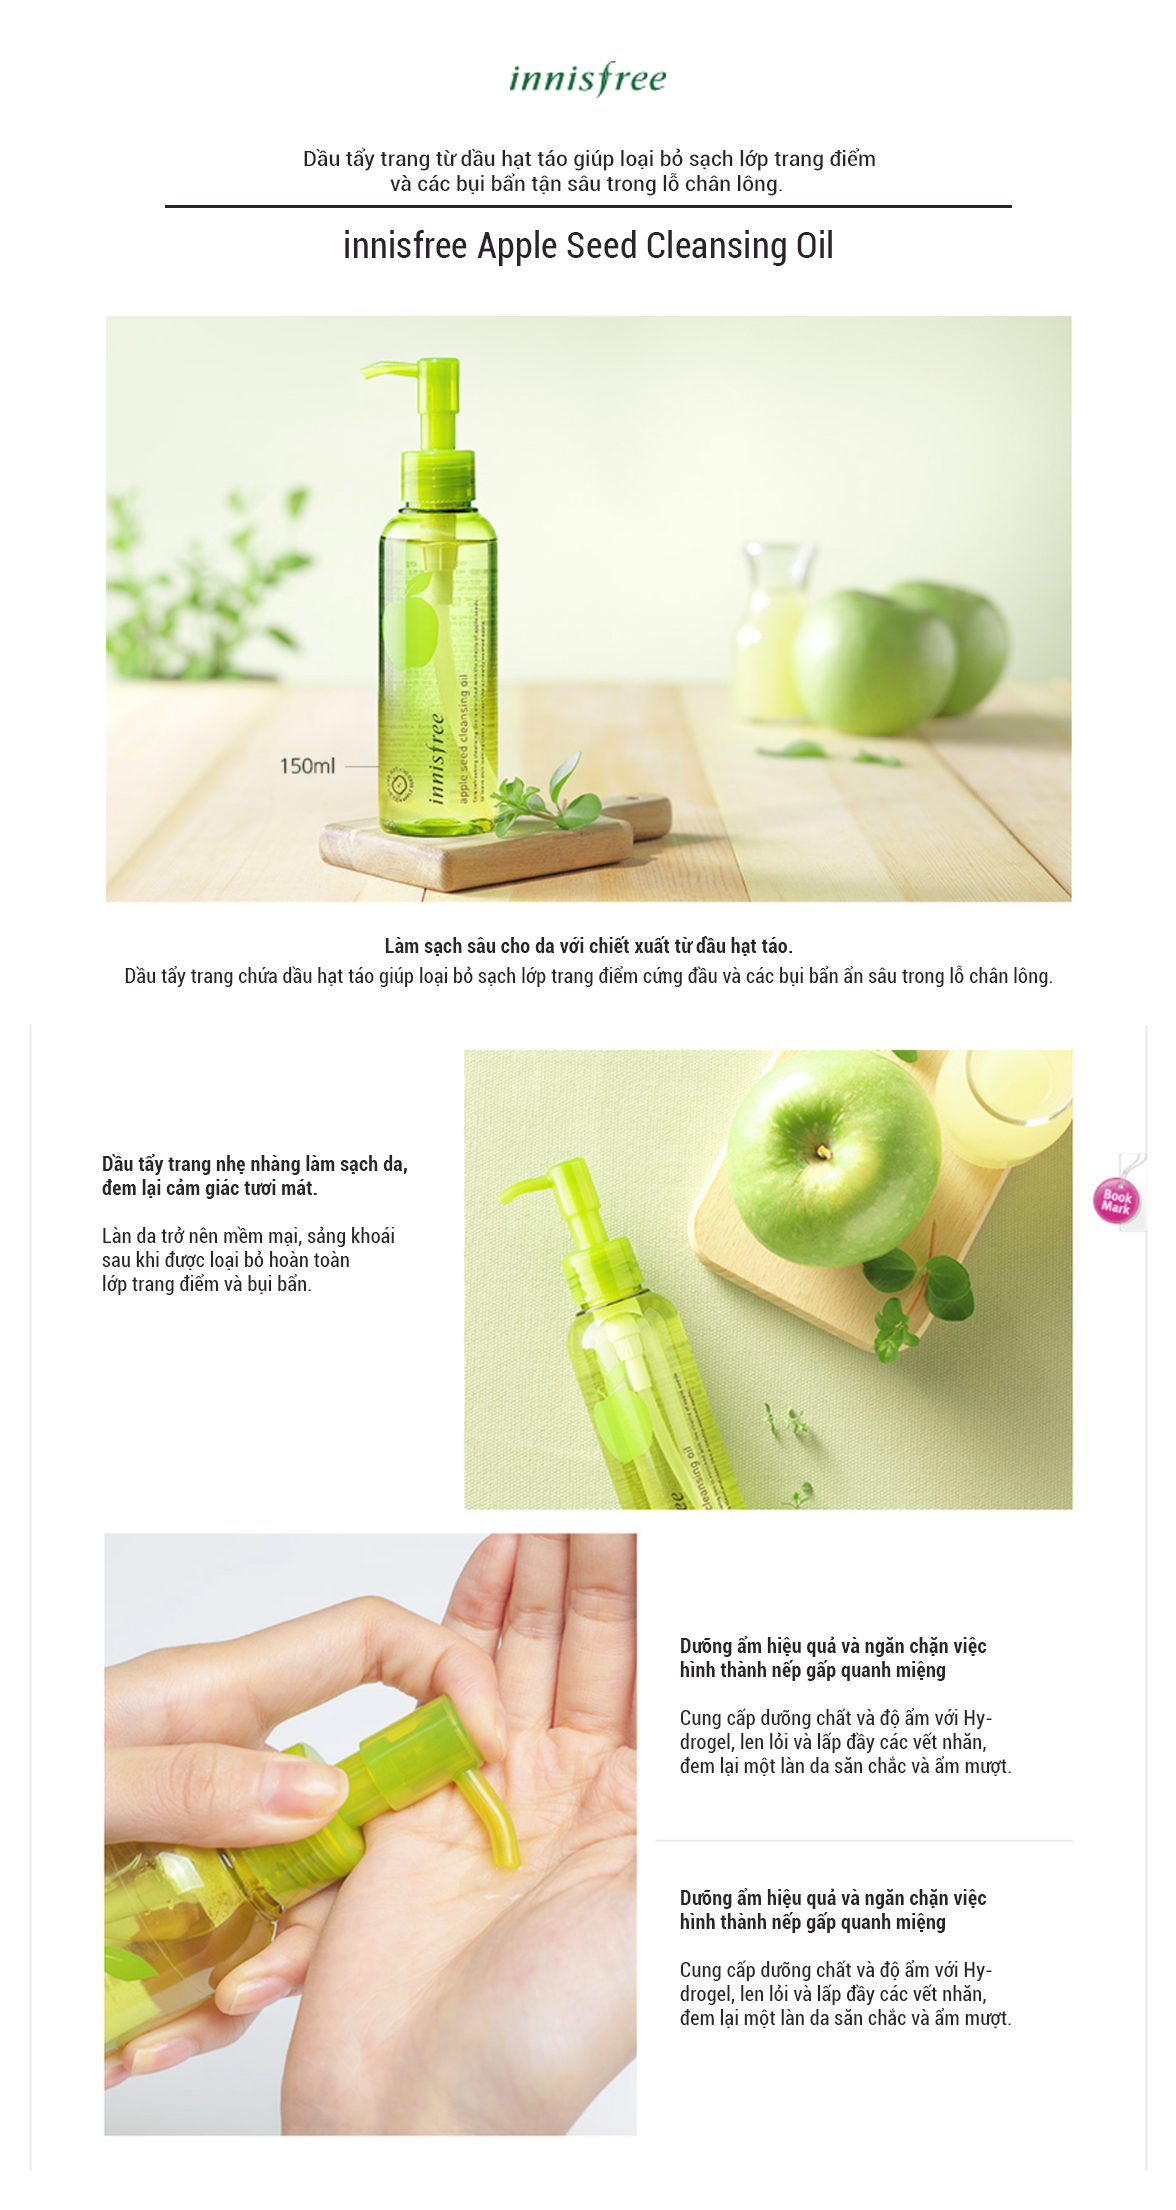 Dầu Tẩy Trang Từ Hạt Táo Innisfree Aple Seed Cleaning Oil (150ml)